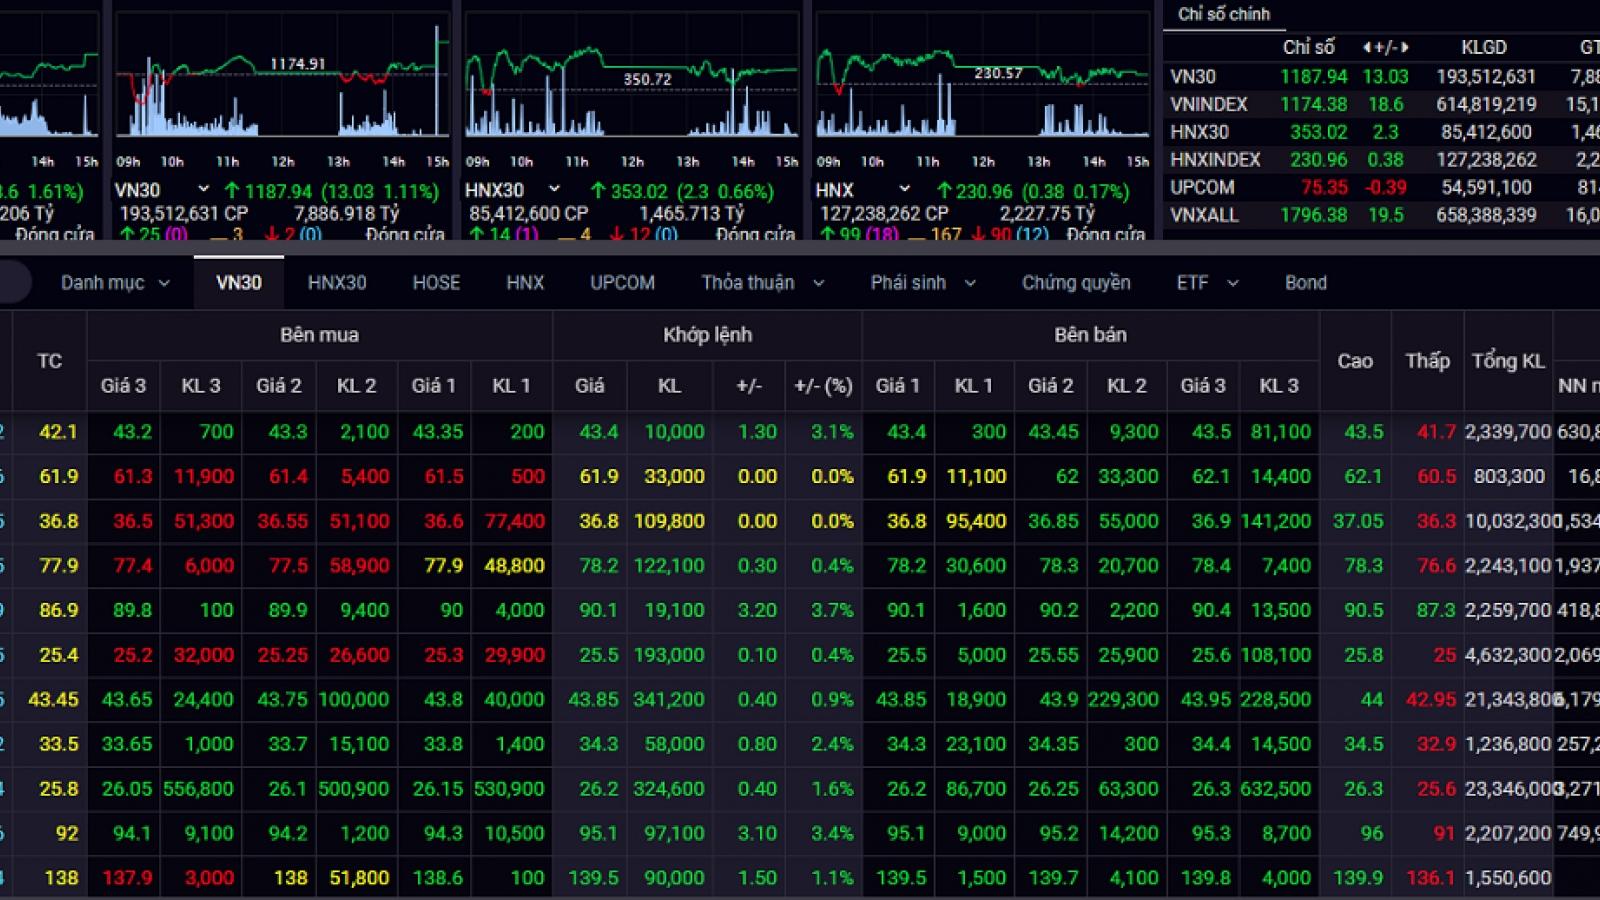 Thị trường chứng khoán: Xu hướng trung hạn là tích cực